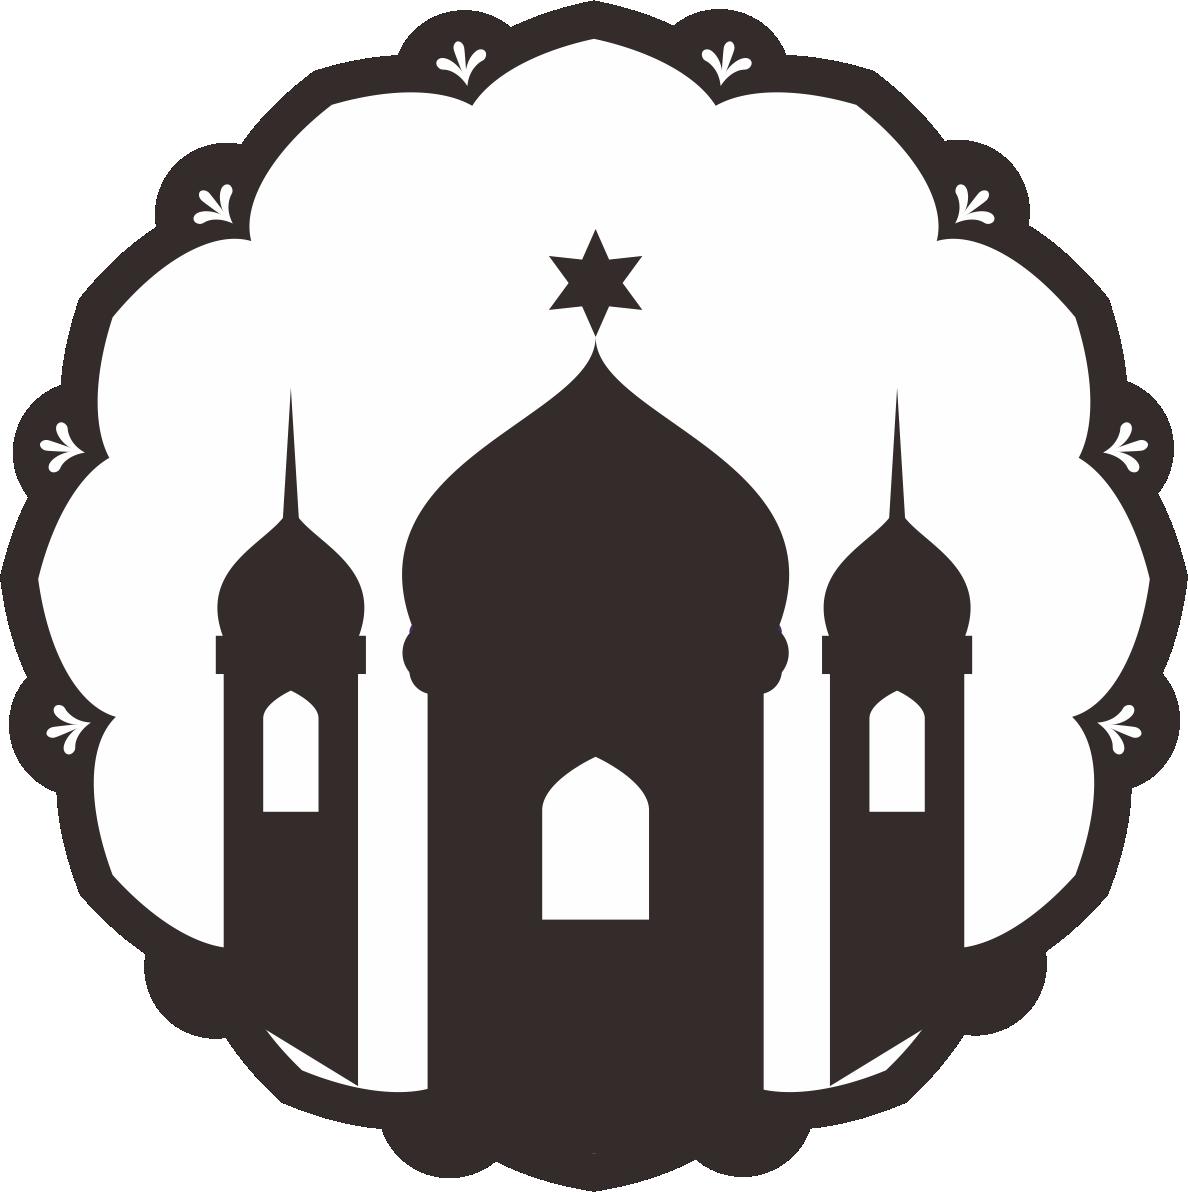 Logo Masjid Hitam Putih Nusagates